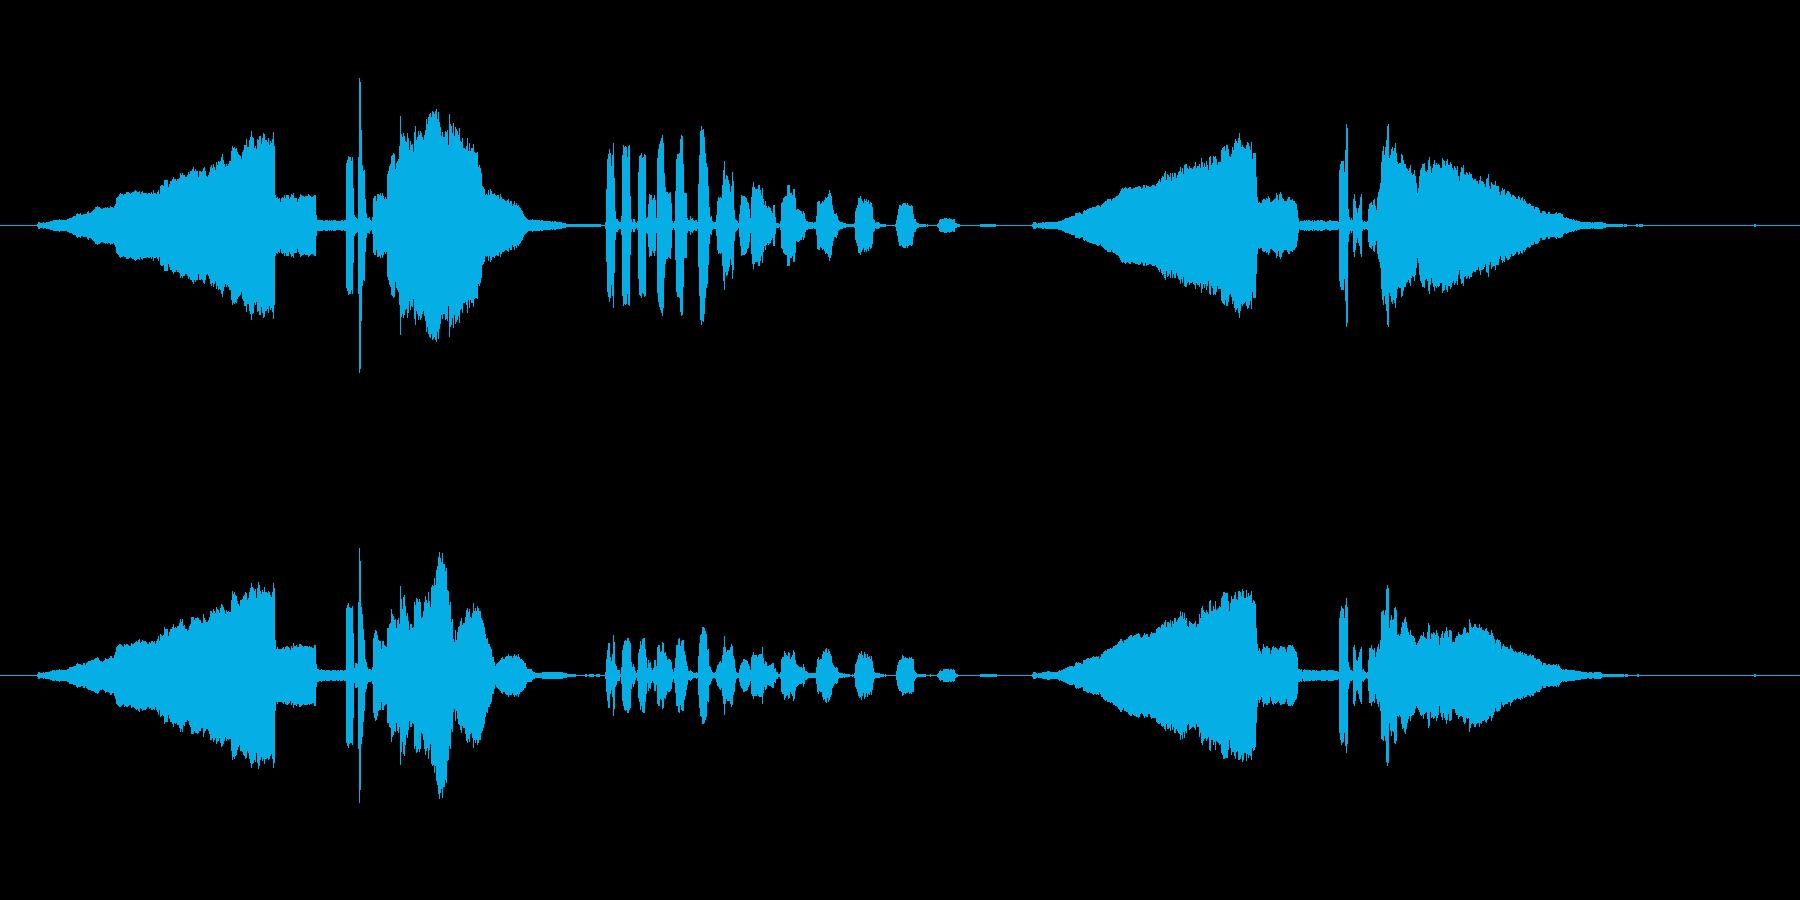 うぐいす笛1エコー梅に鶯春鳴き声初音ホーの再生済みの波形